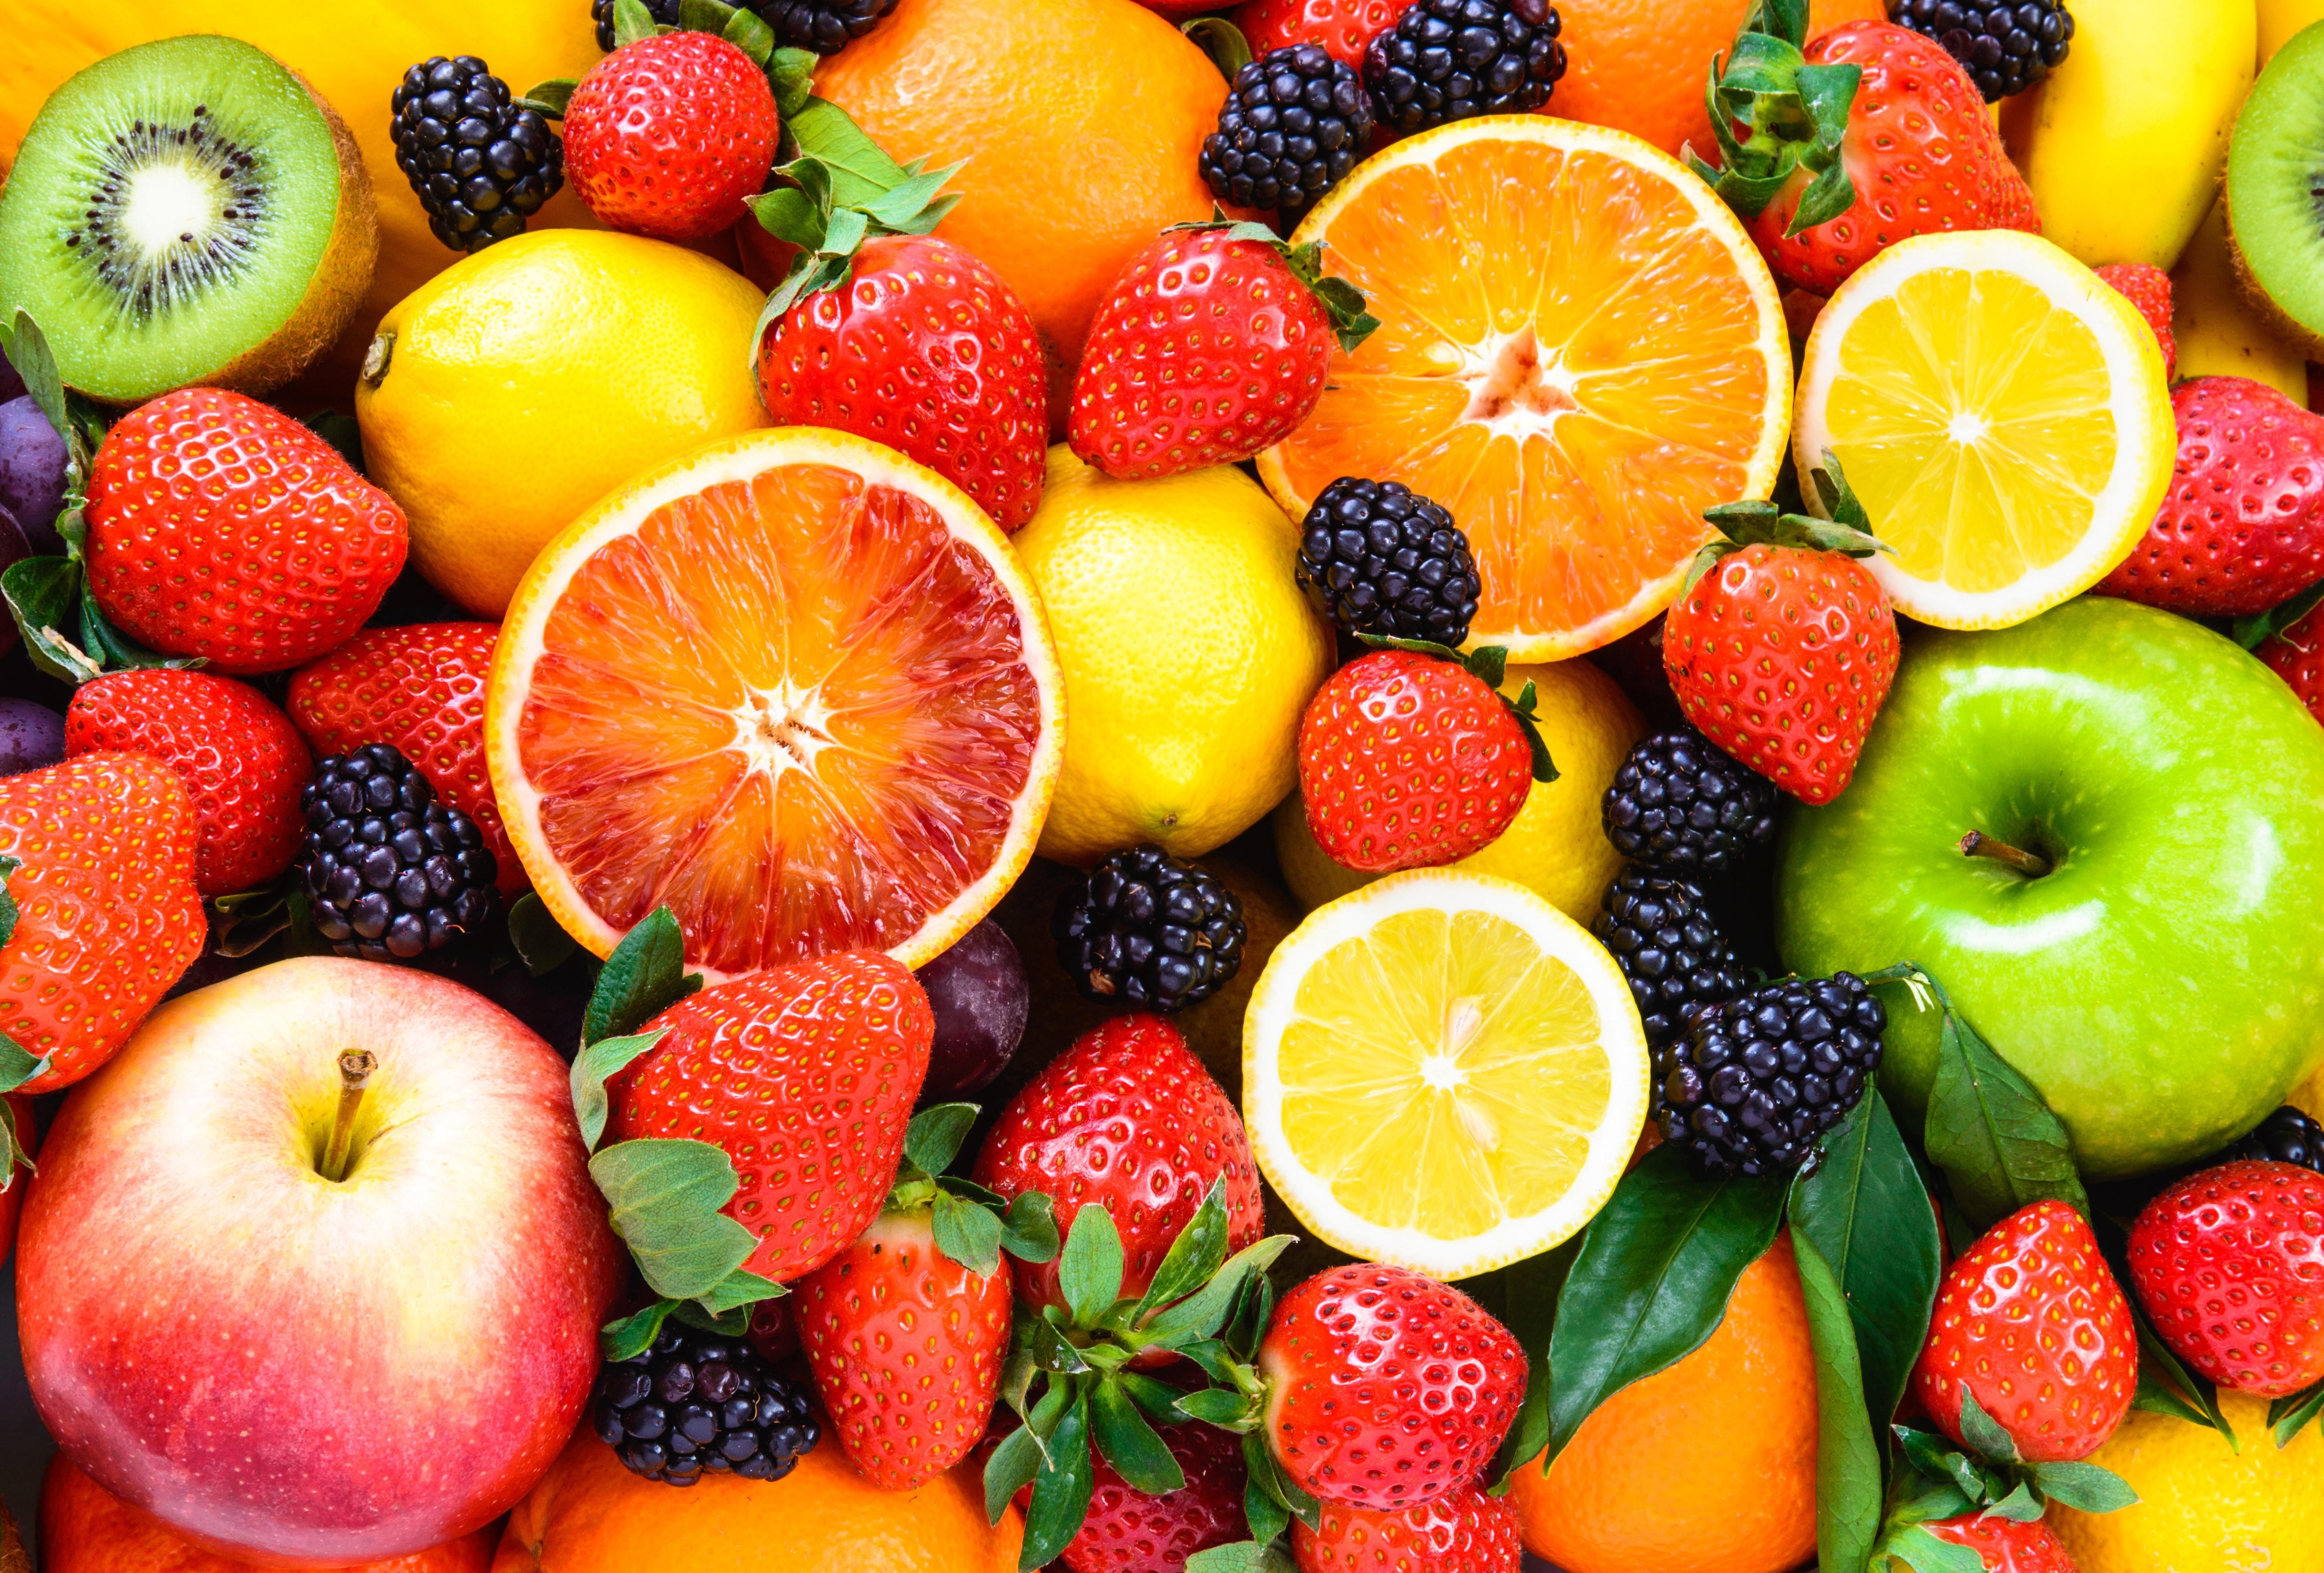 Fresh fruits mixed.Fruits background.